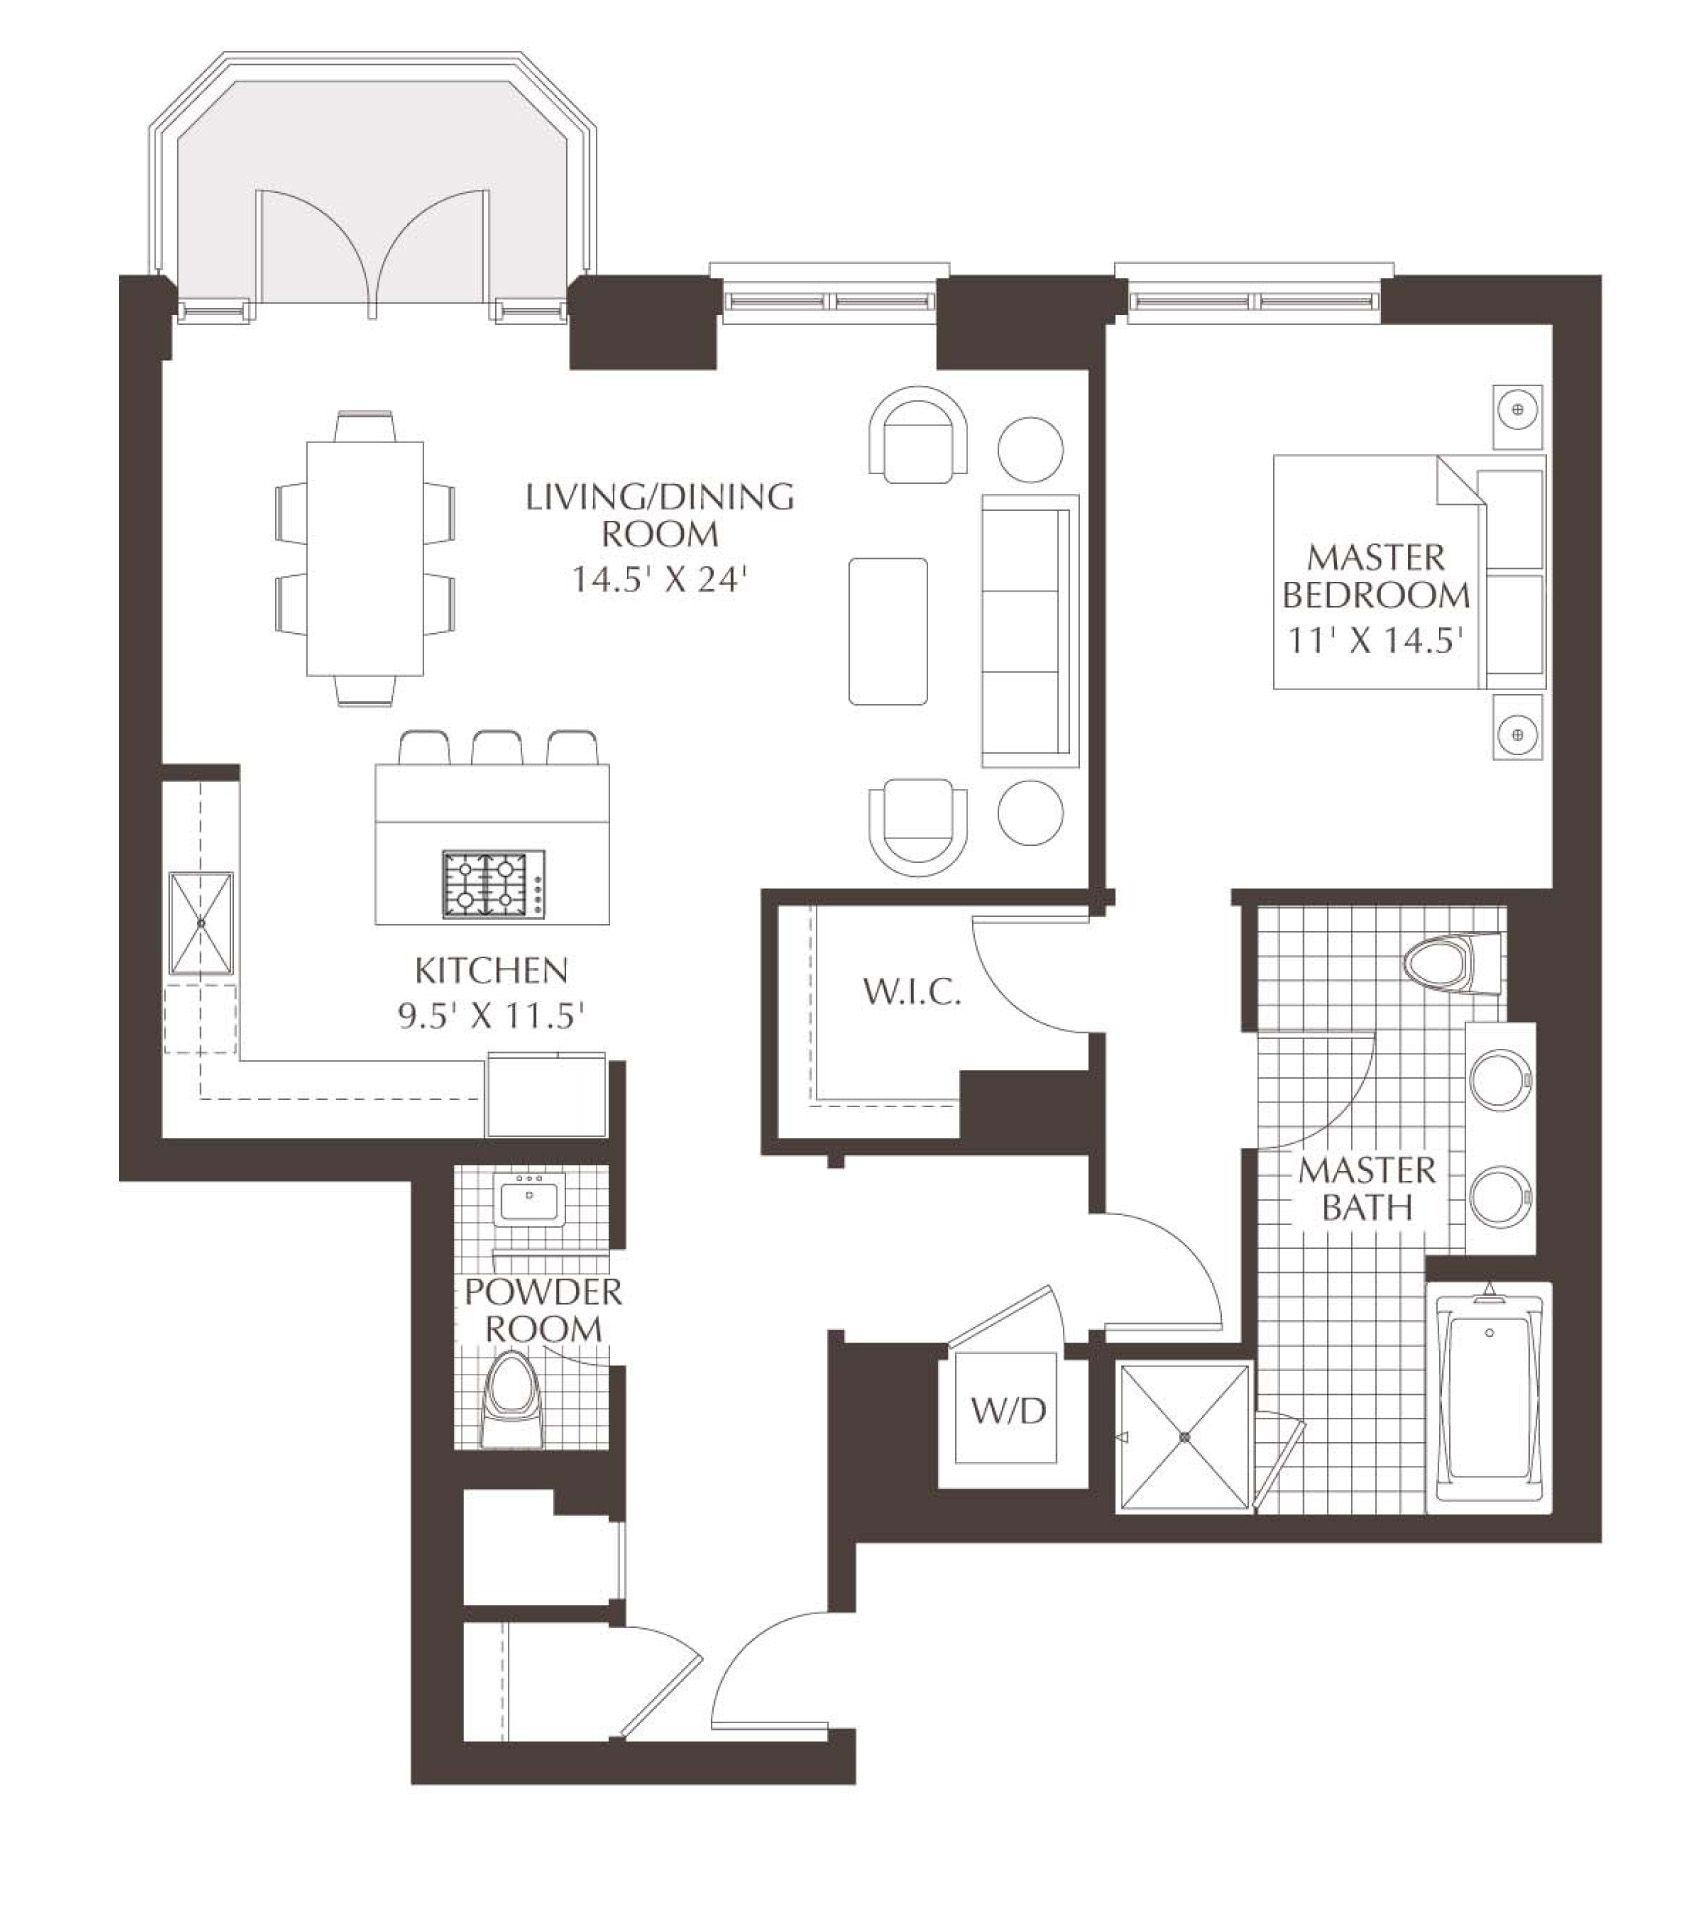 Luxury Condo Floor Plans | Unit A3: A 1 bedroom, 1/5 bath ...